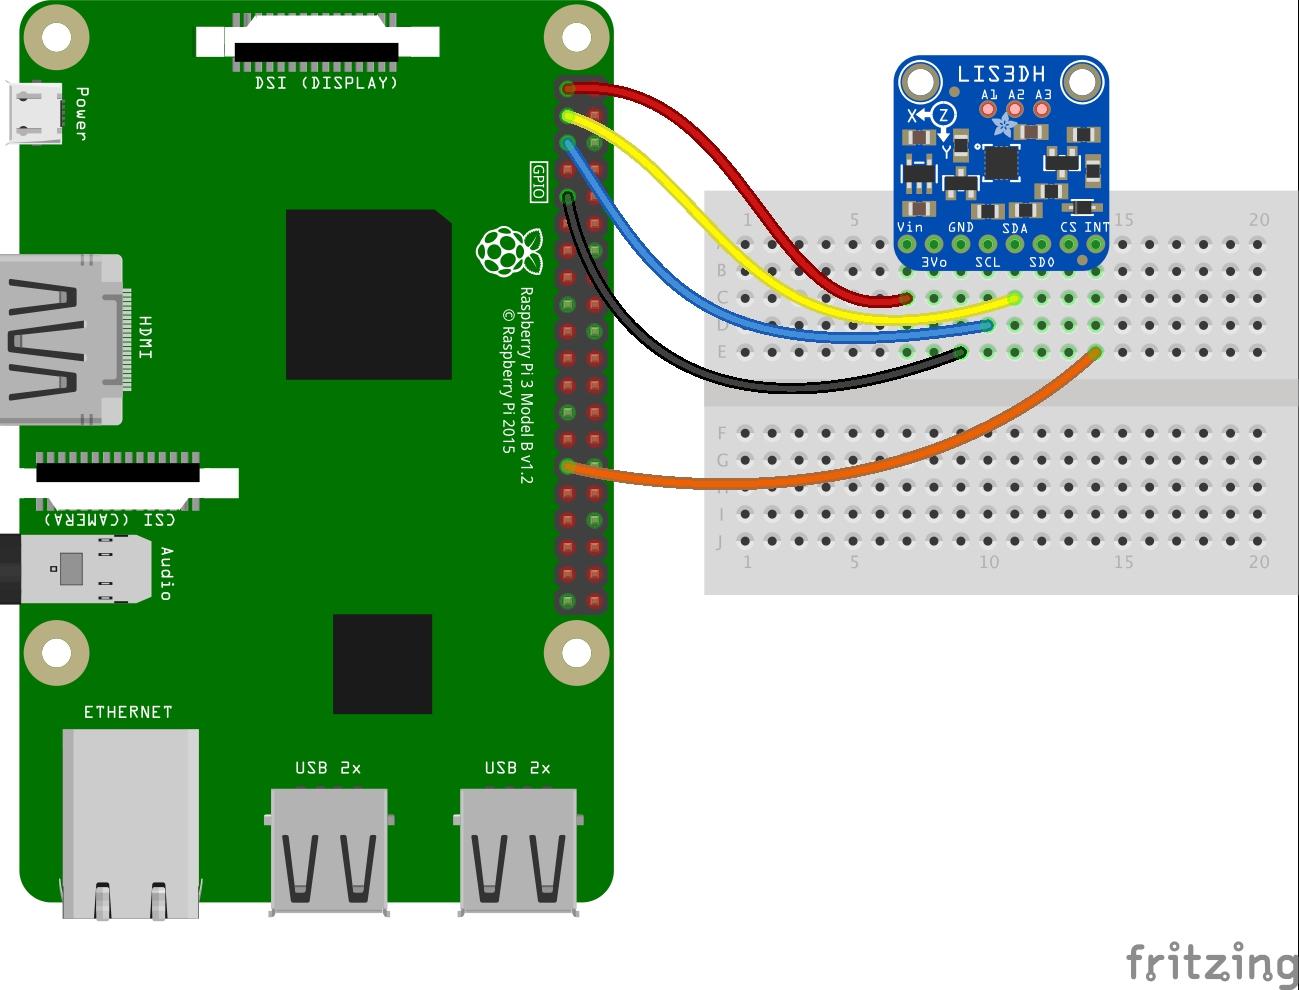 sensors_raspi_lis3dh_i2c_bb.jpg